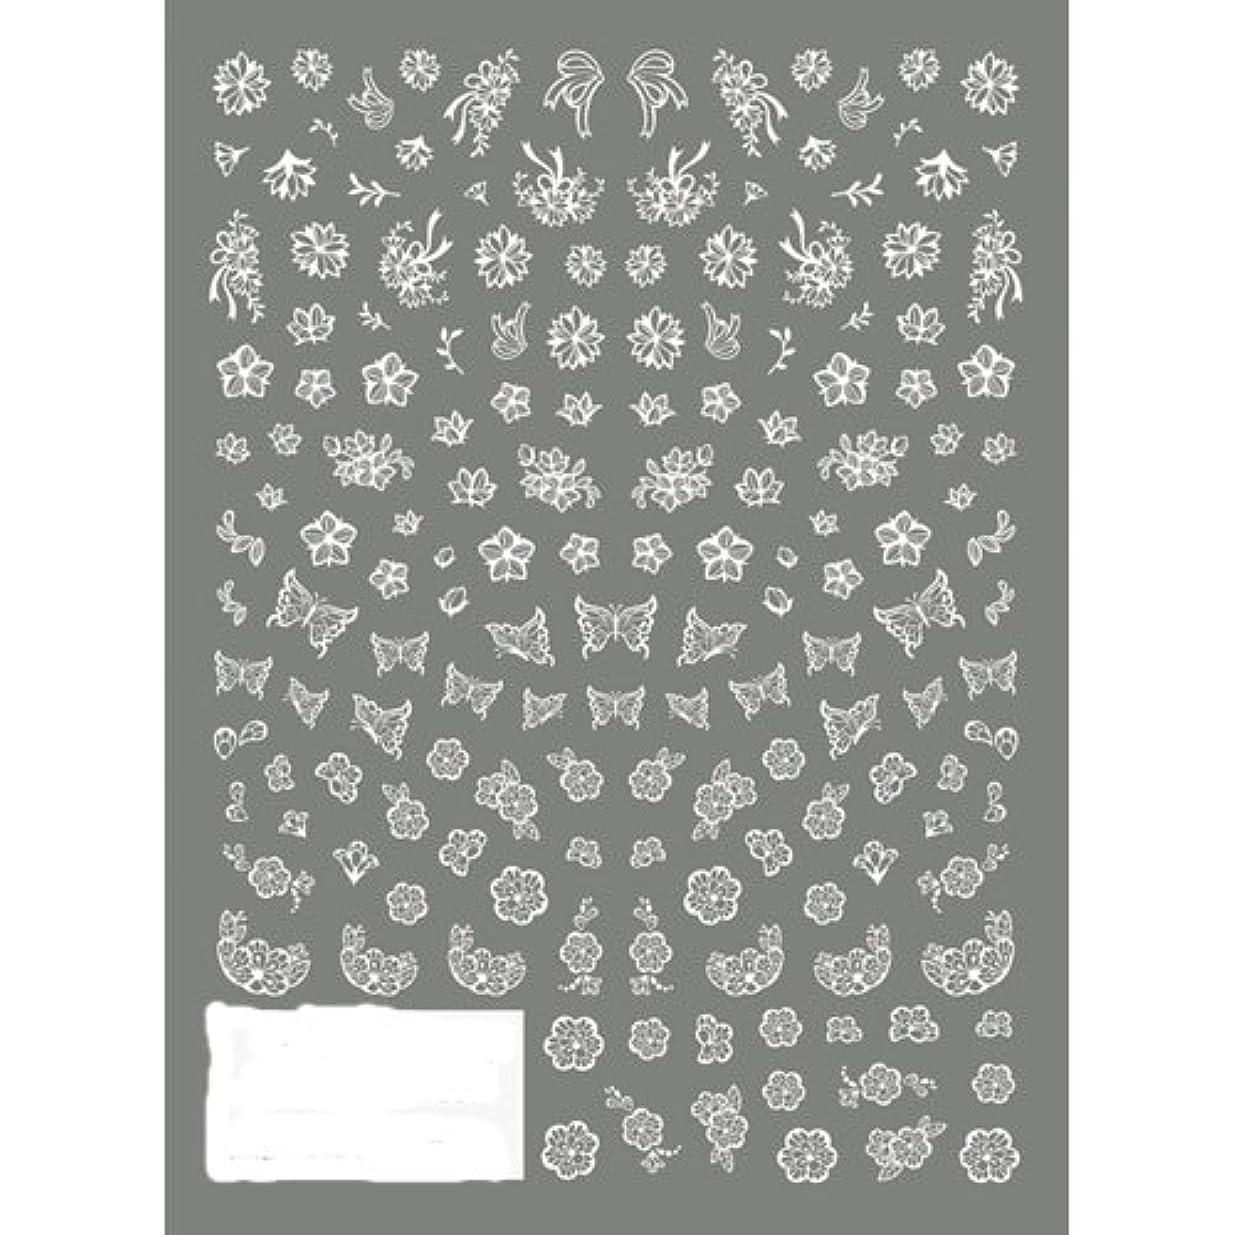 召喚する見出しスナックTSUMEKIRA(ツメキラ) ネイルシール 切り絵 フラワー&バタフライ ホワイト NN-KRE-201 1枚